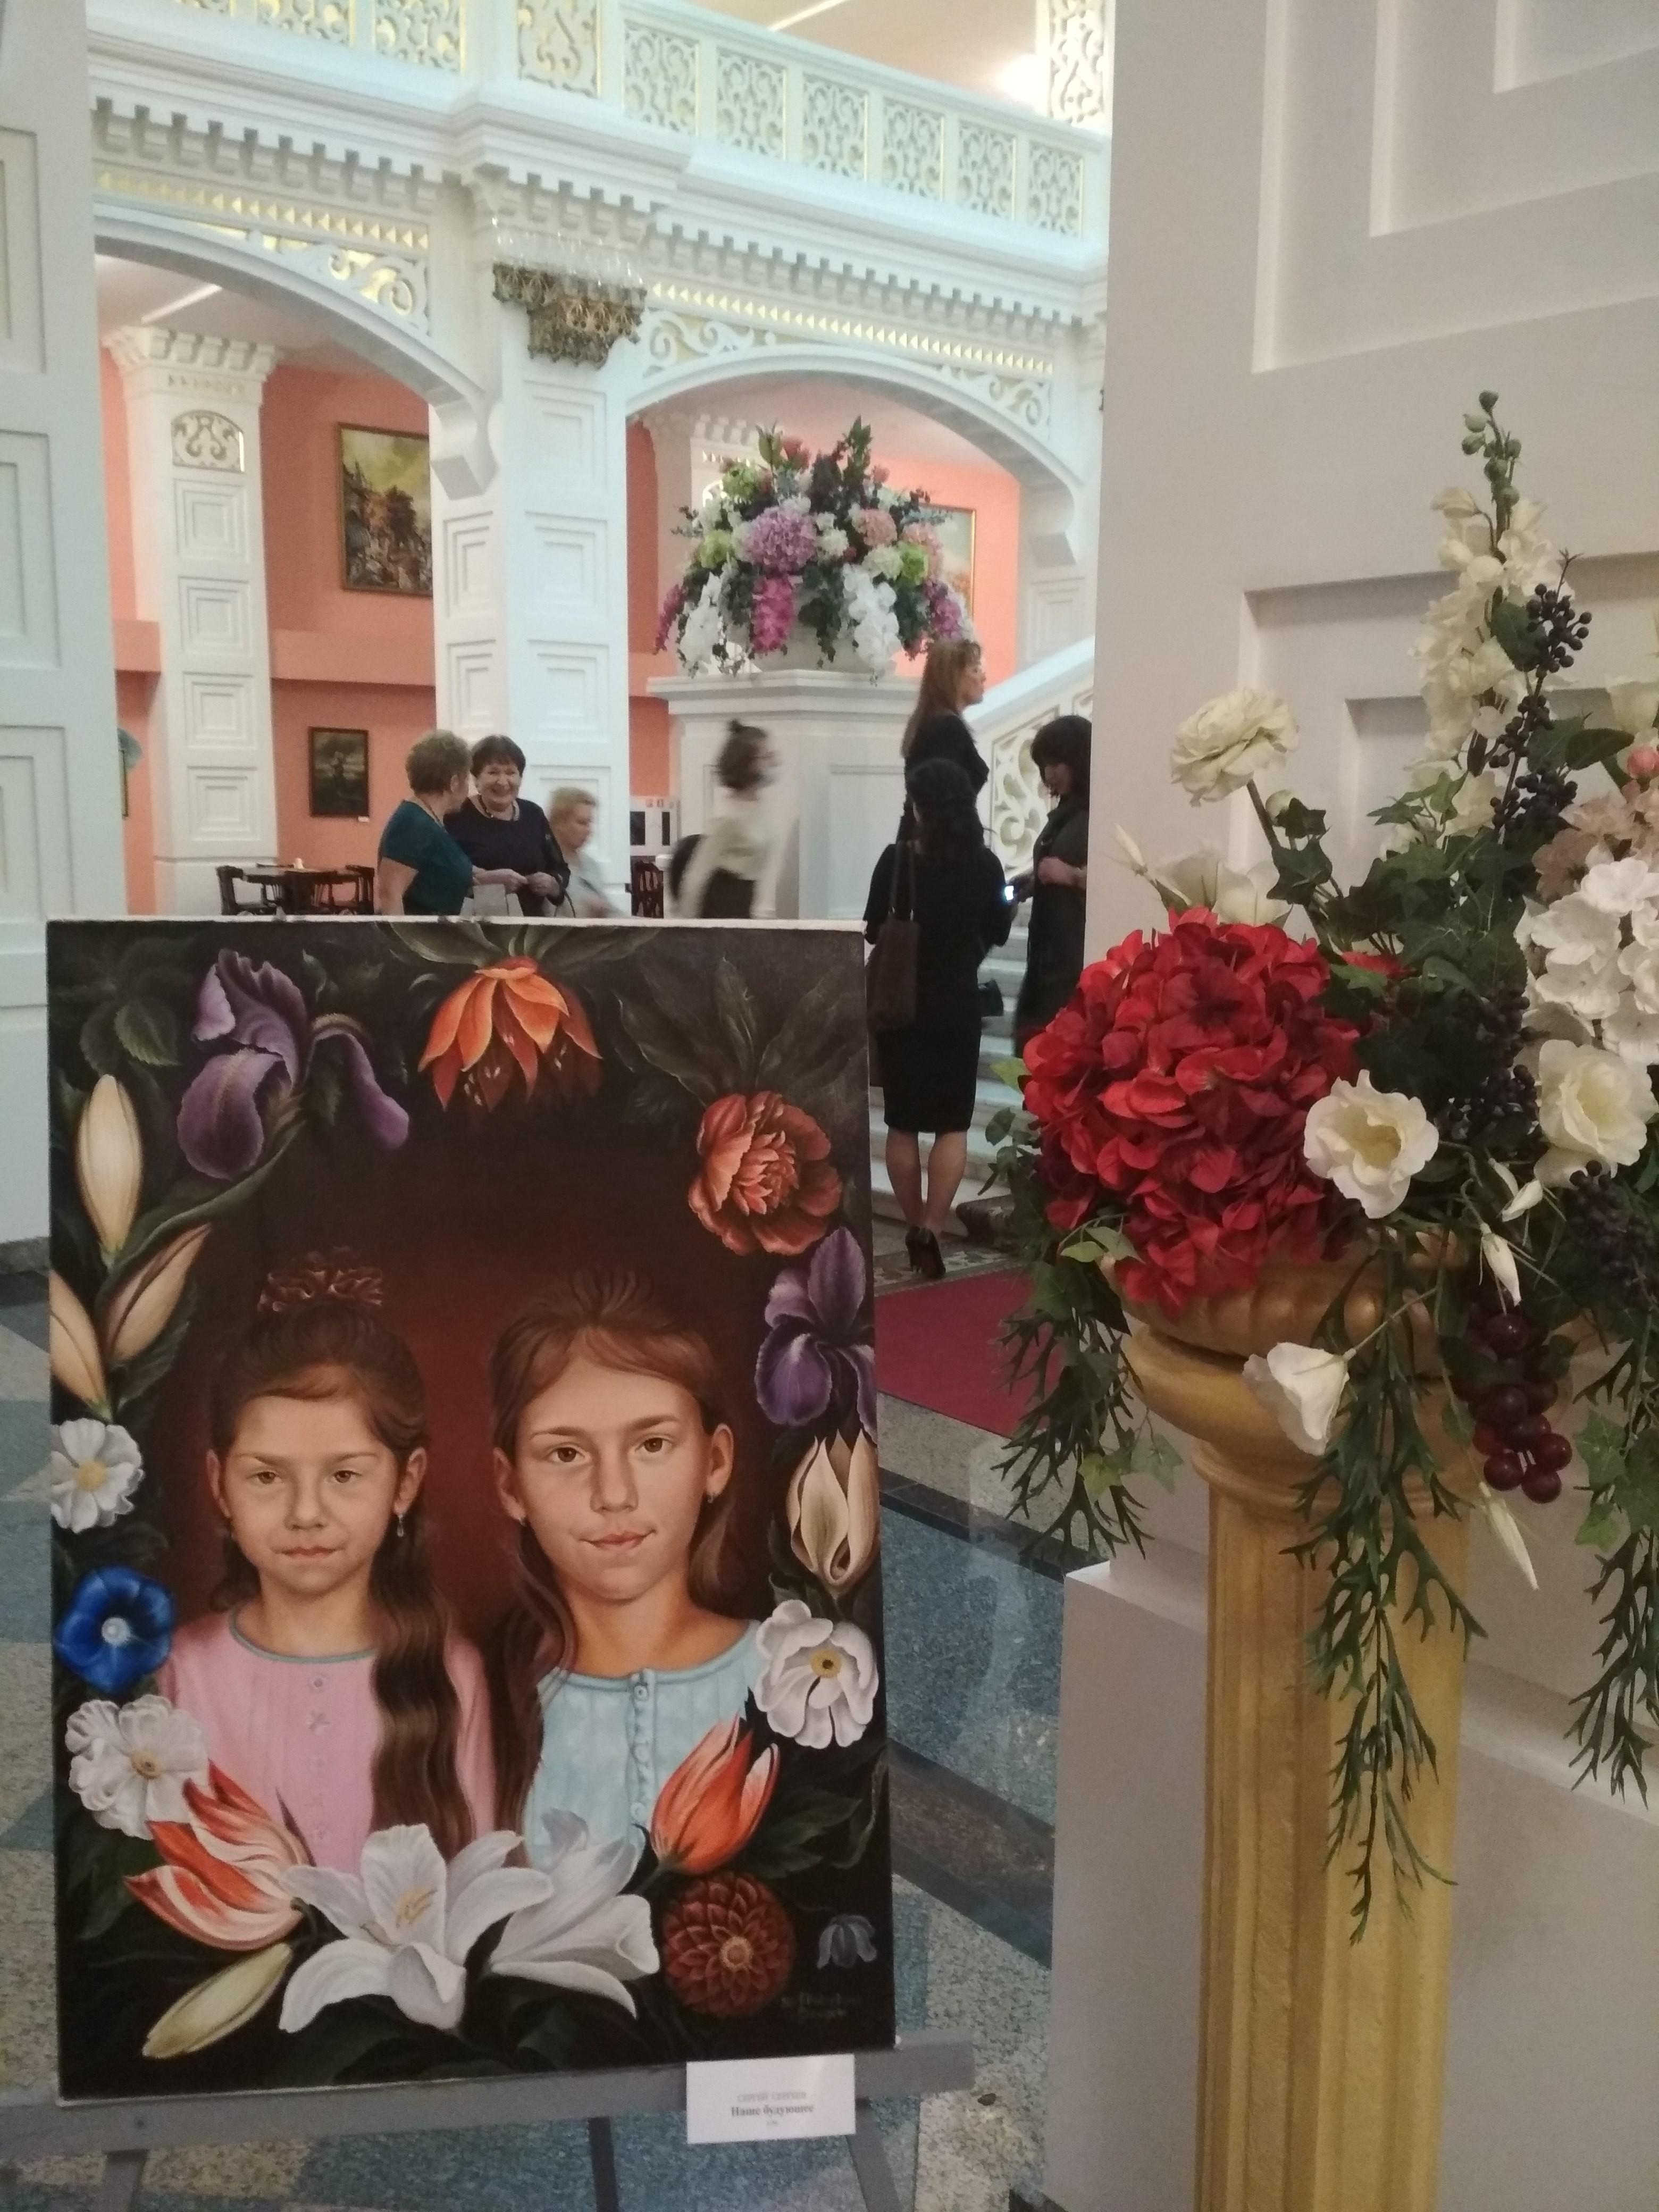 Художники  Василий Сергеев и Сергей Сергеев  приглашают на  выставку картин